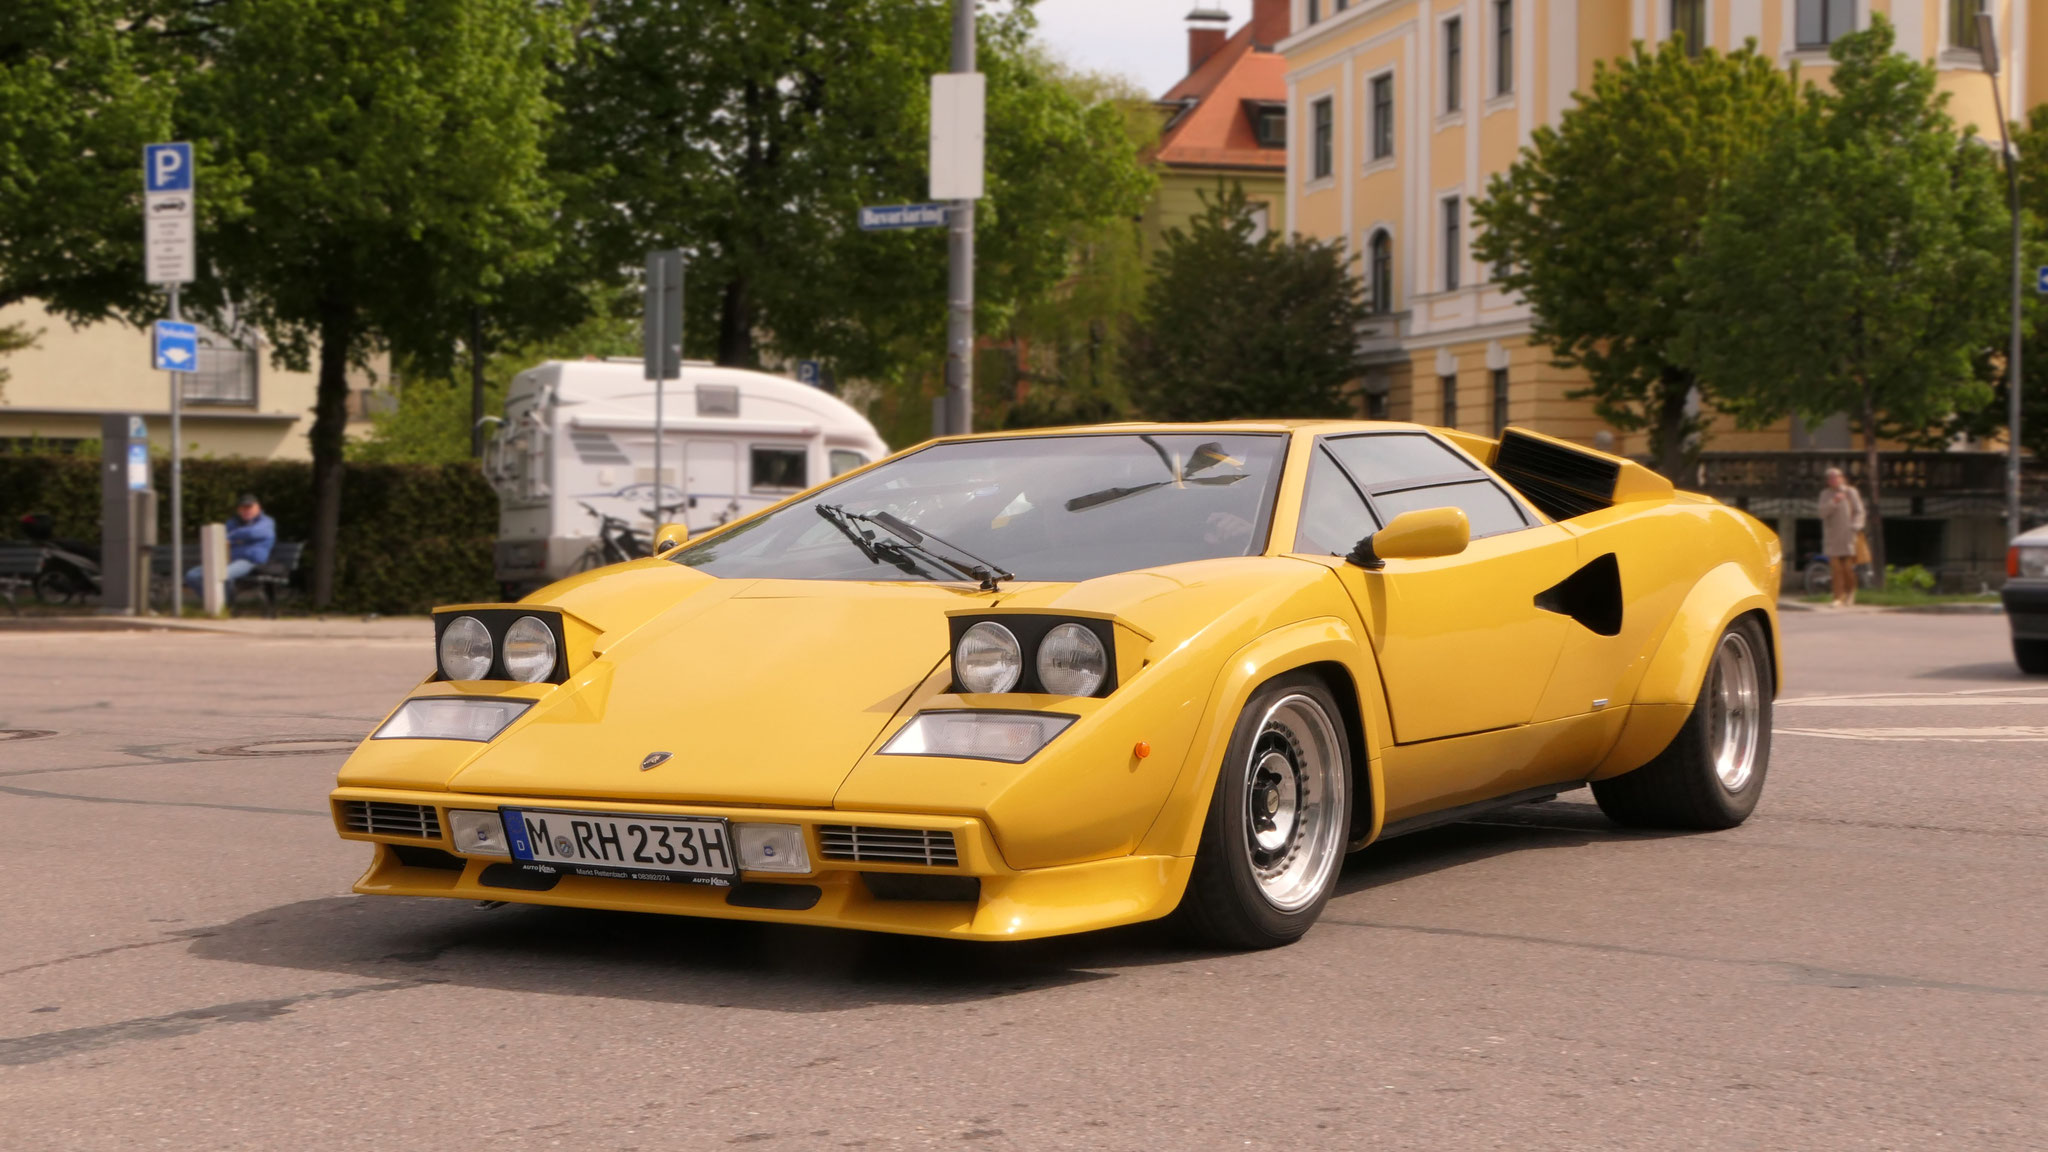 Lamborghini  Countach - M-RH-233H